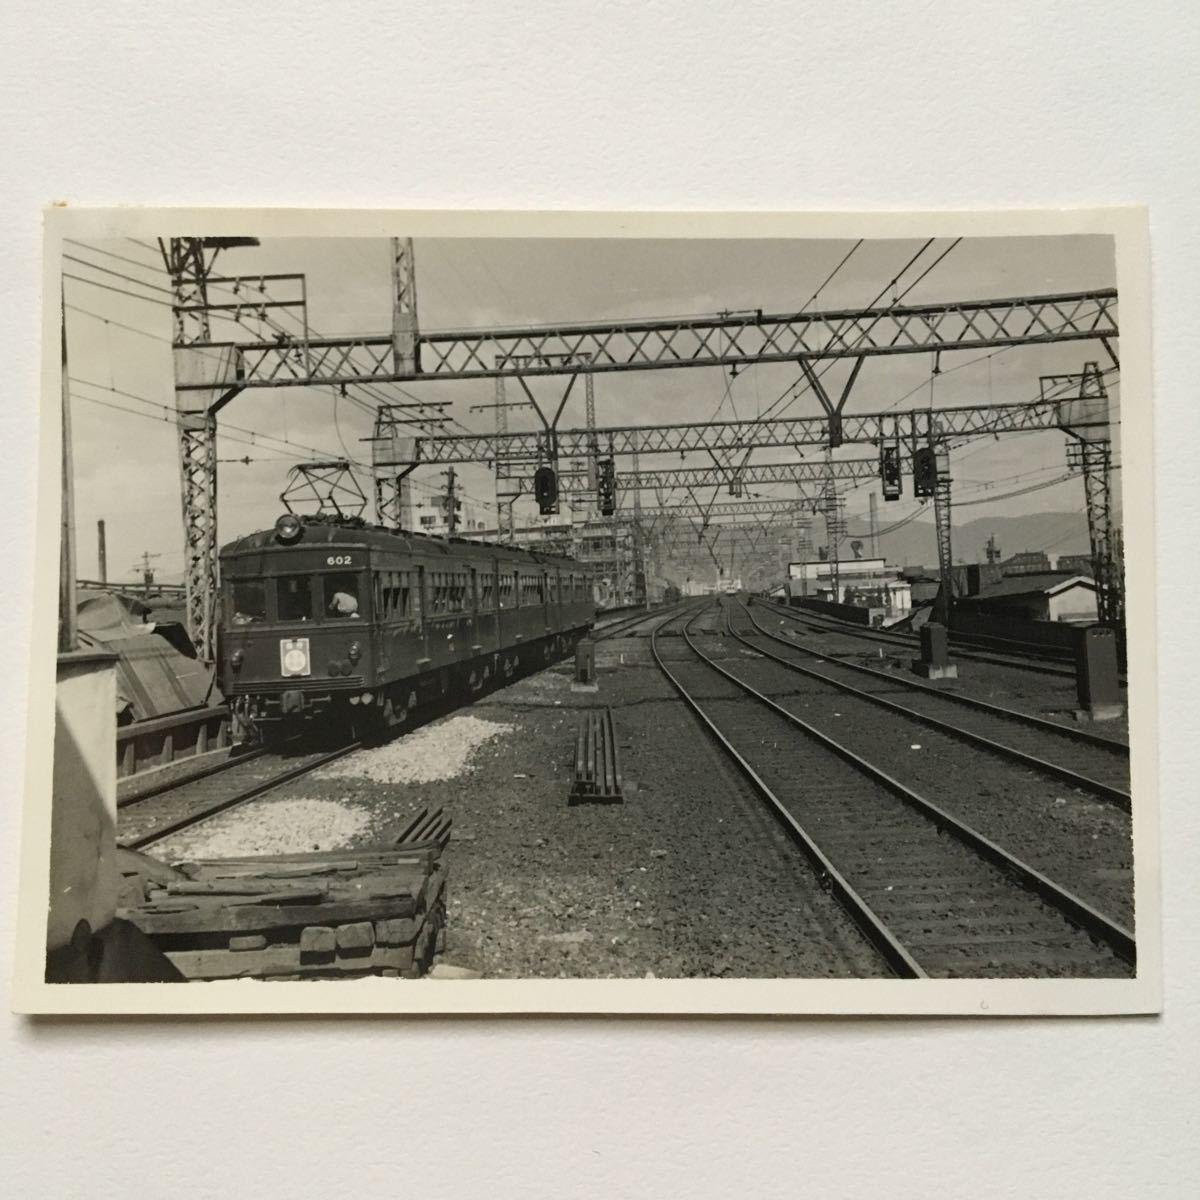 【鉄道写真】近鉄奈良線602形/1960年8月◆鶴橋駅/急?#24515;瘟夹?/> </a> </div> <div class=